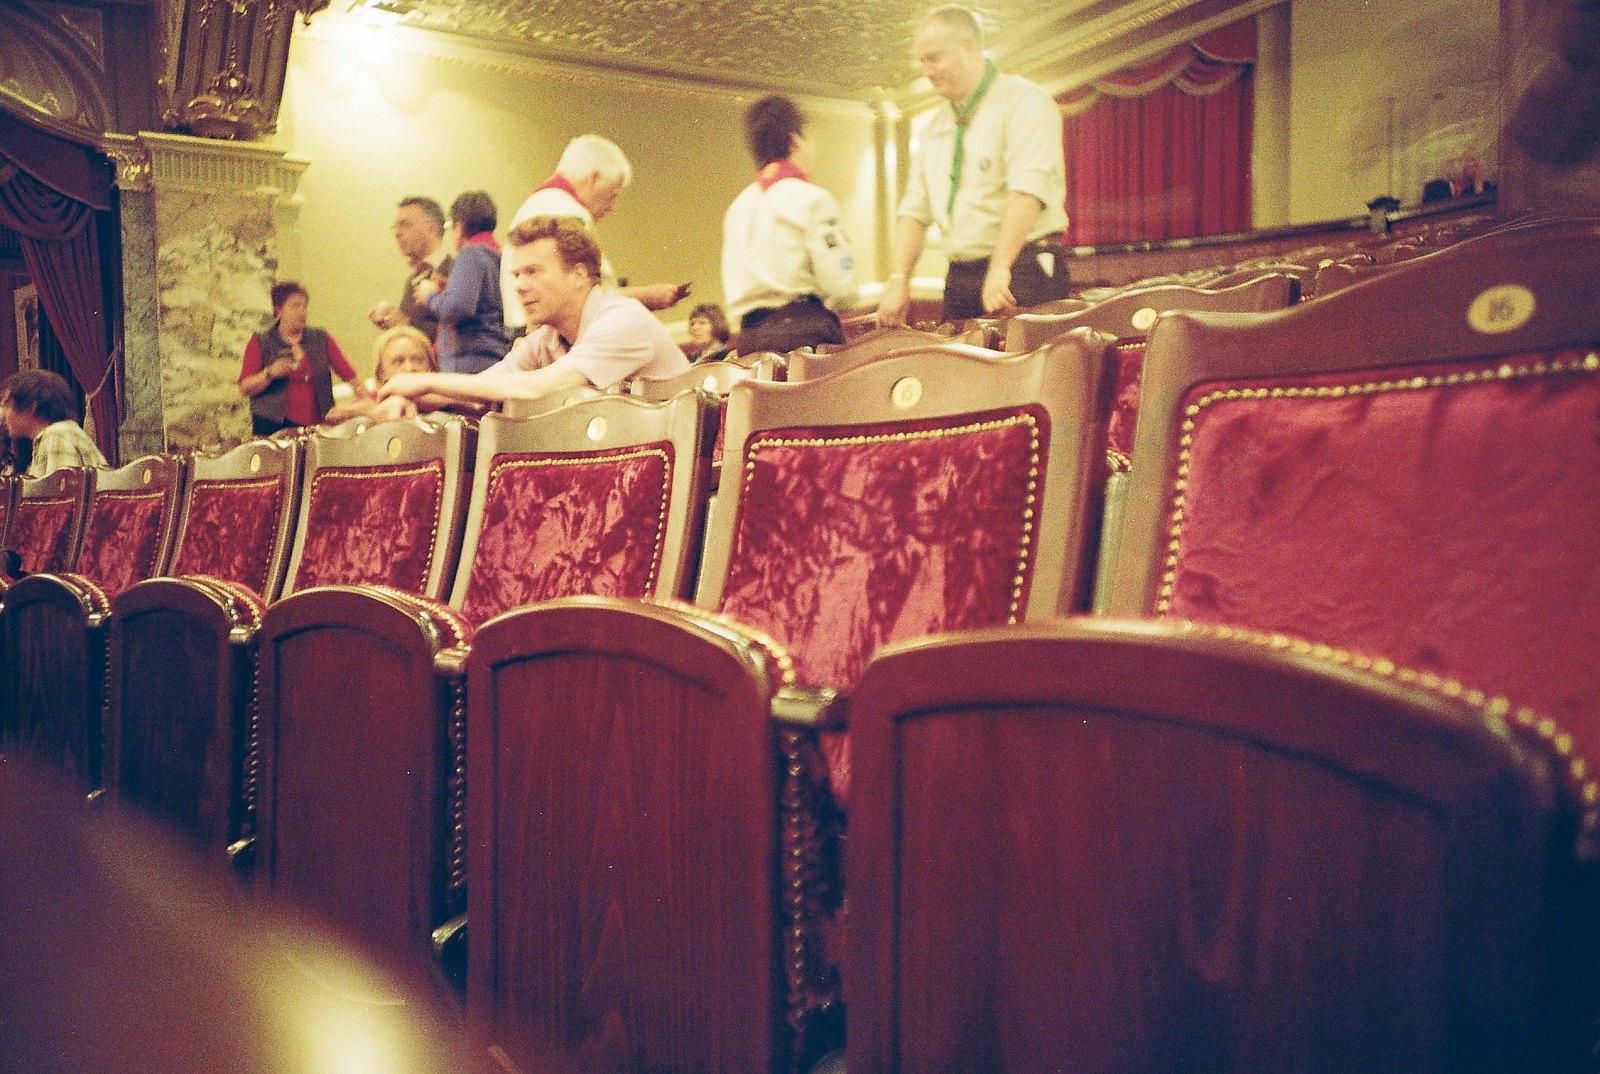 Kursaal Kershaw